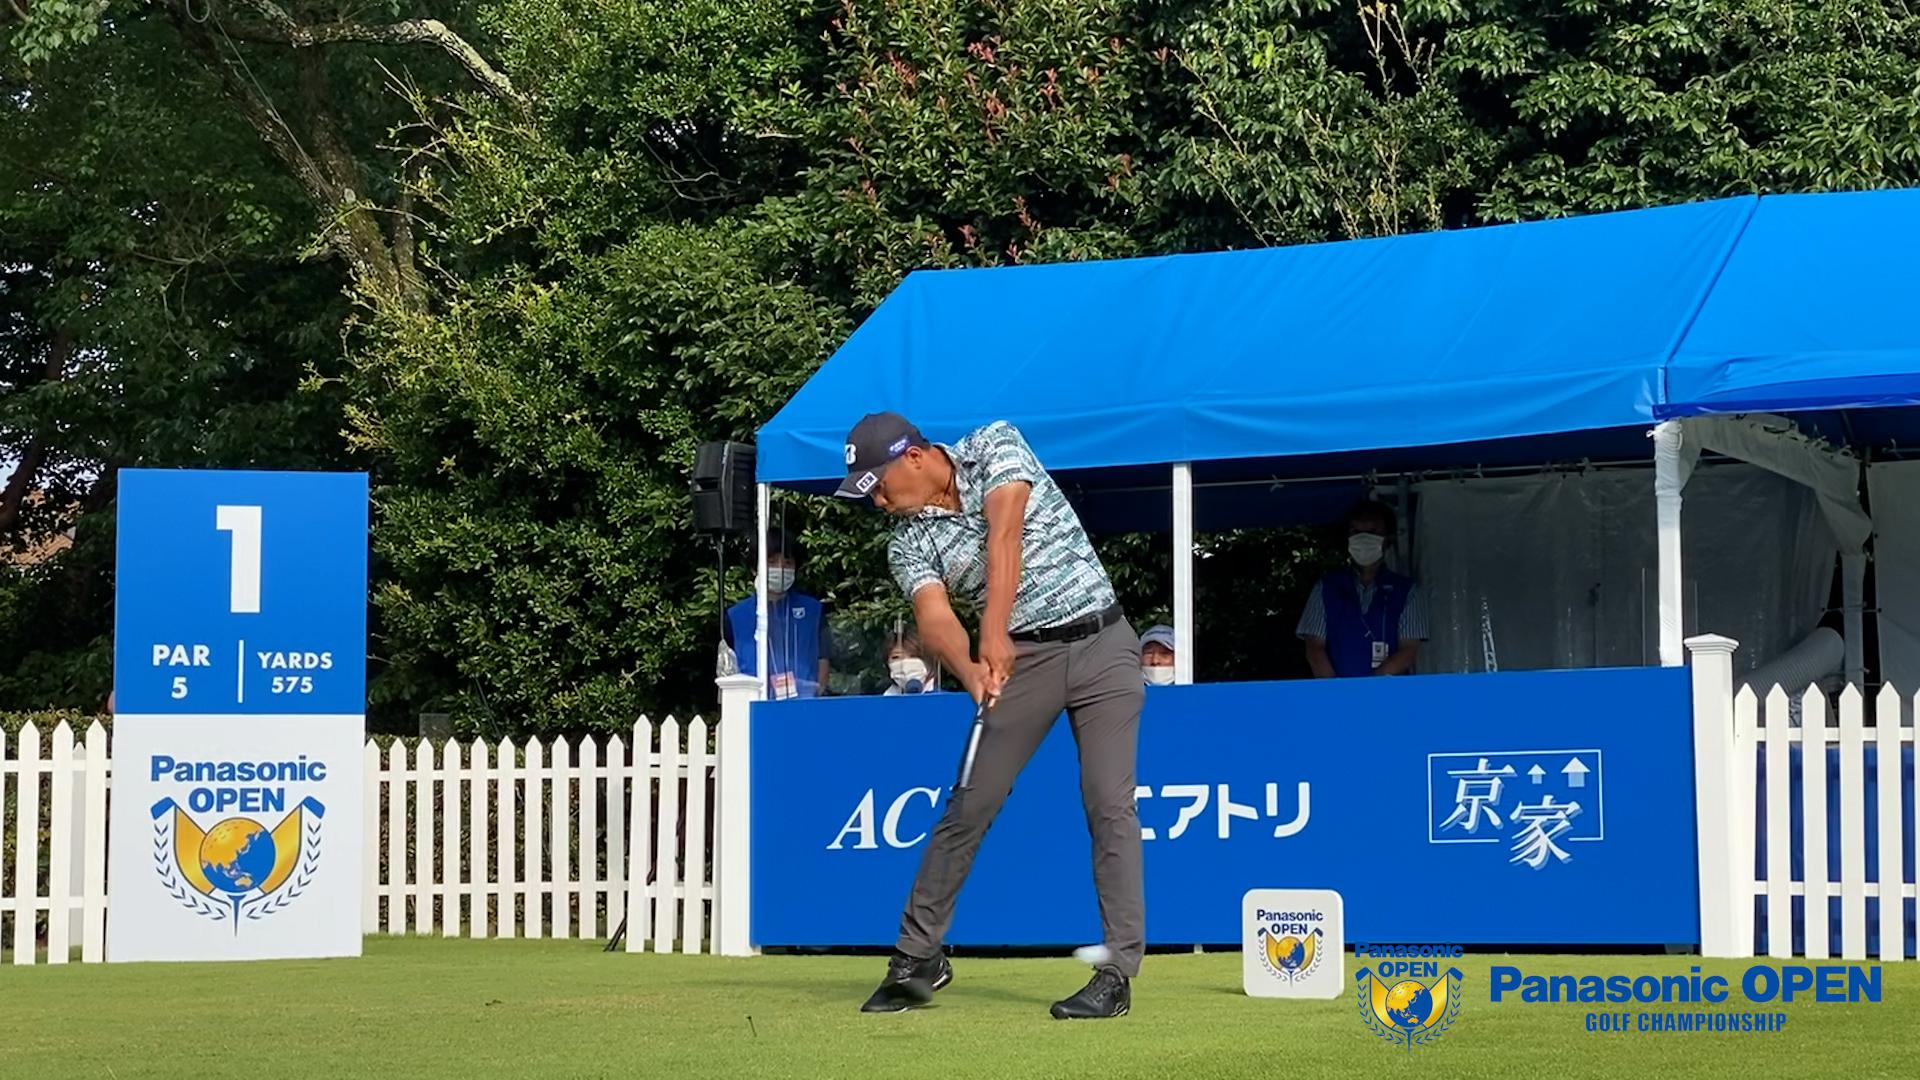 【男子ゴルフ】比嘉一貴、石川遼、堀川未来夢のスタートホールティショット!パナソニックオープン ゴルフチャンピオンシップ 2nd Round